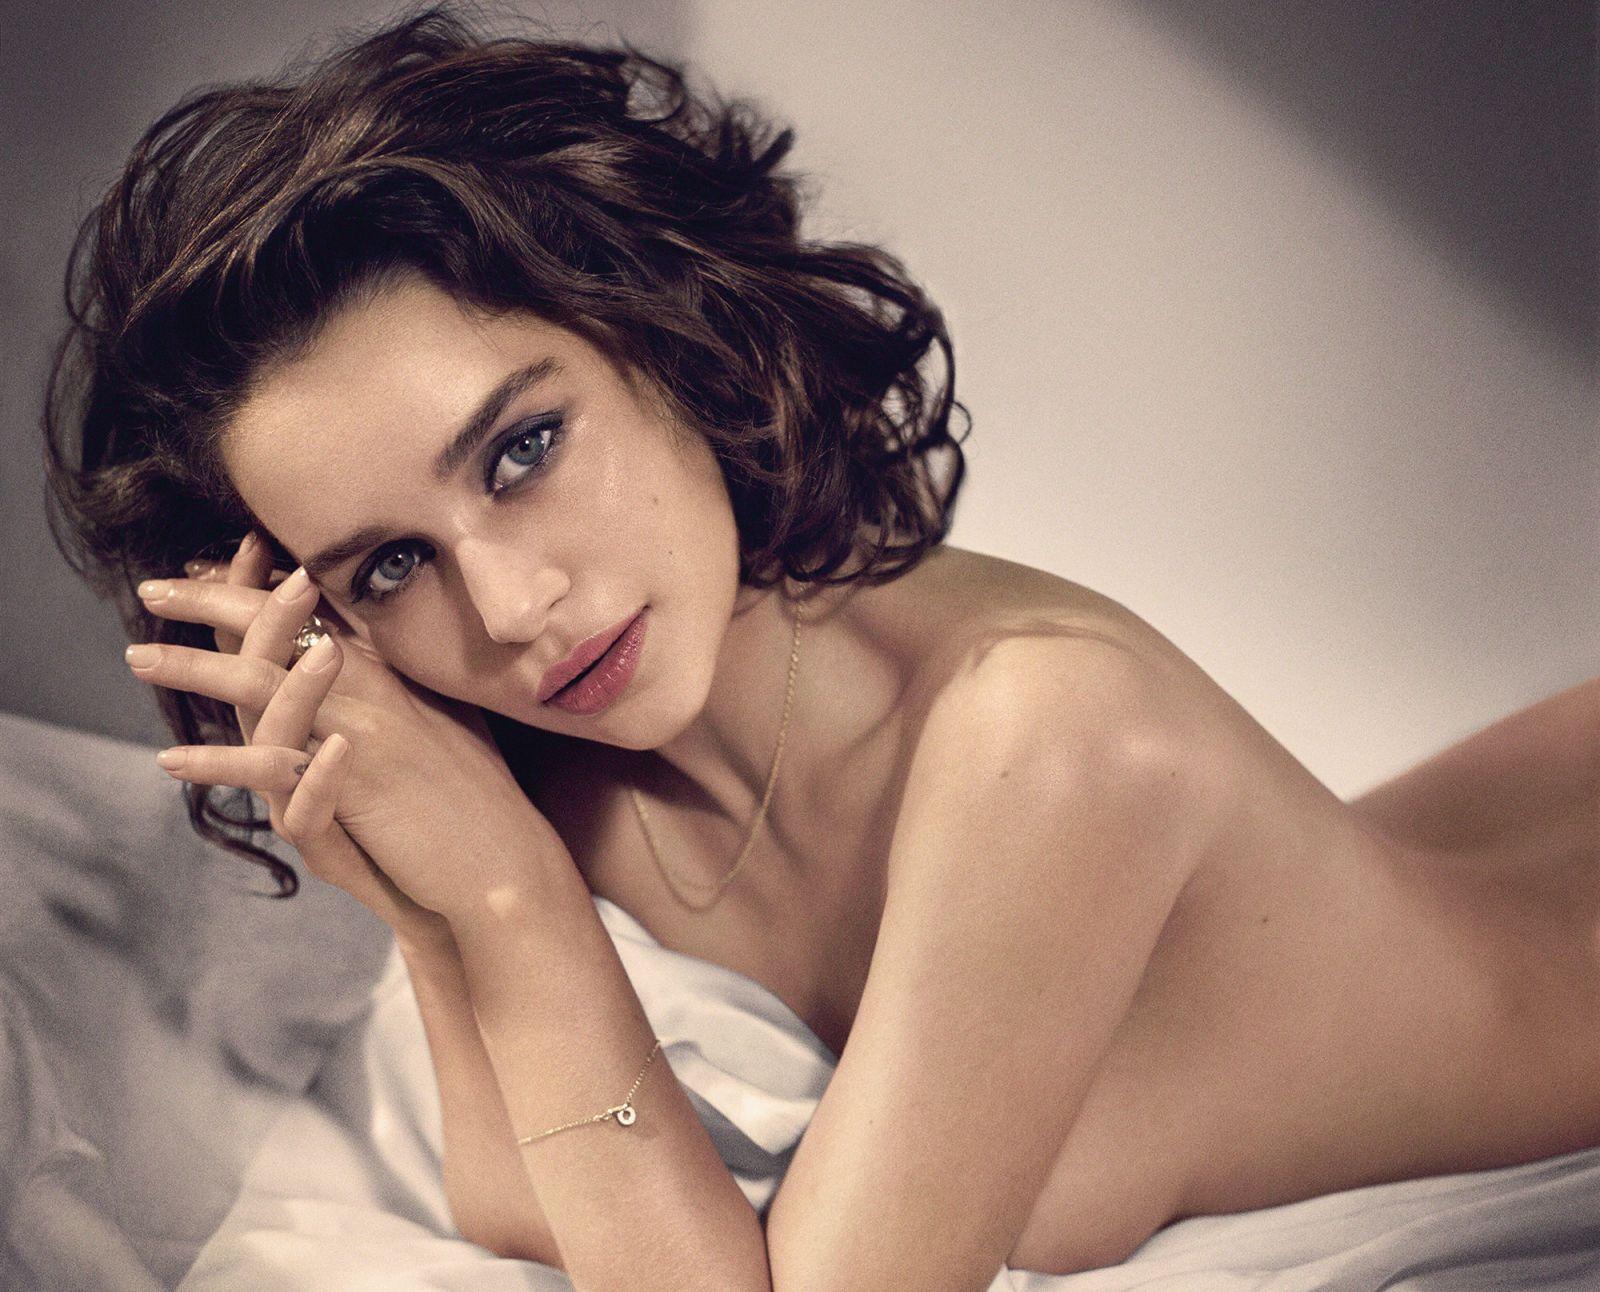 Beauty female naked